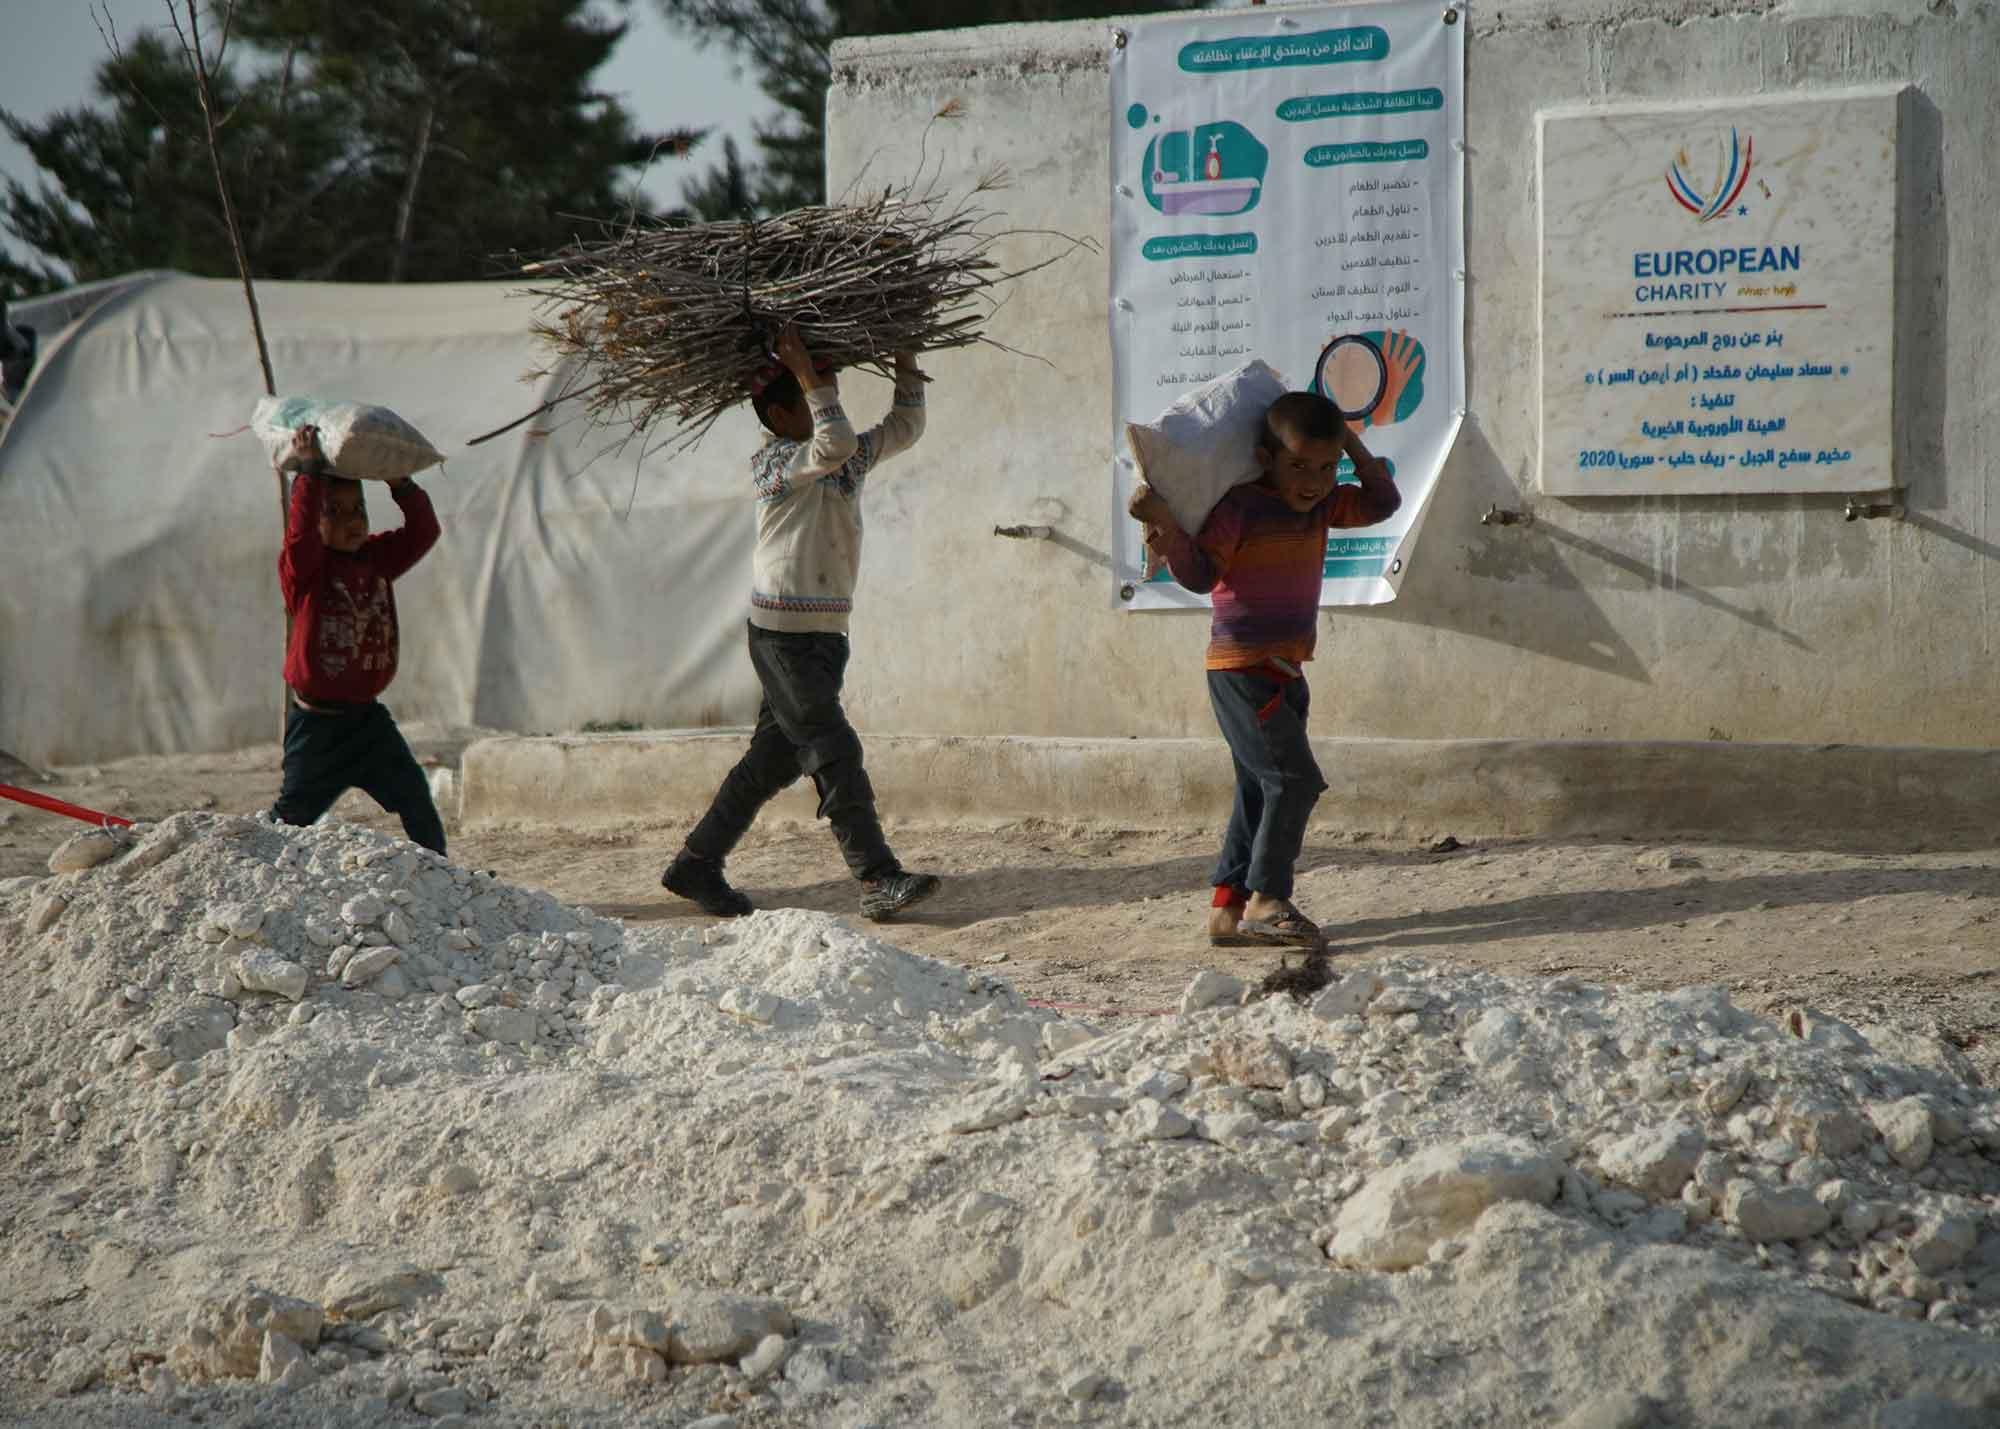 10 أعوام من معاناة الأطفال في سوريا